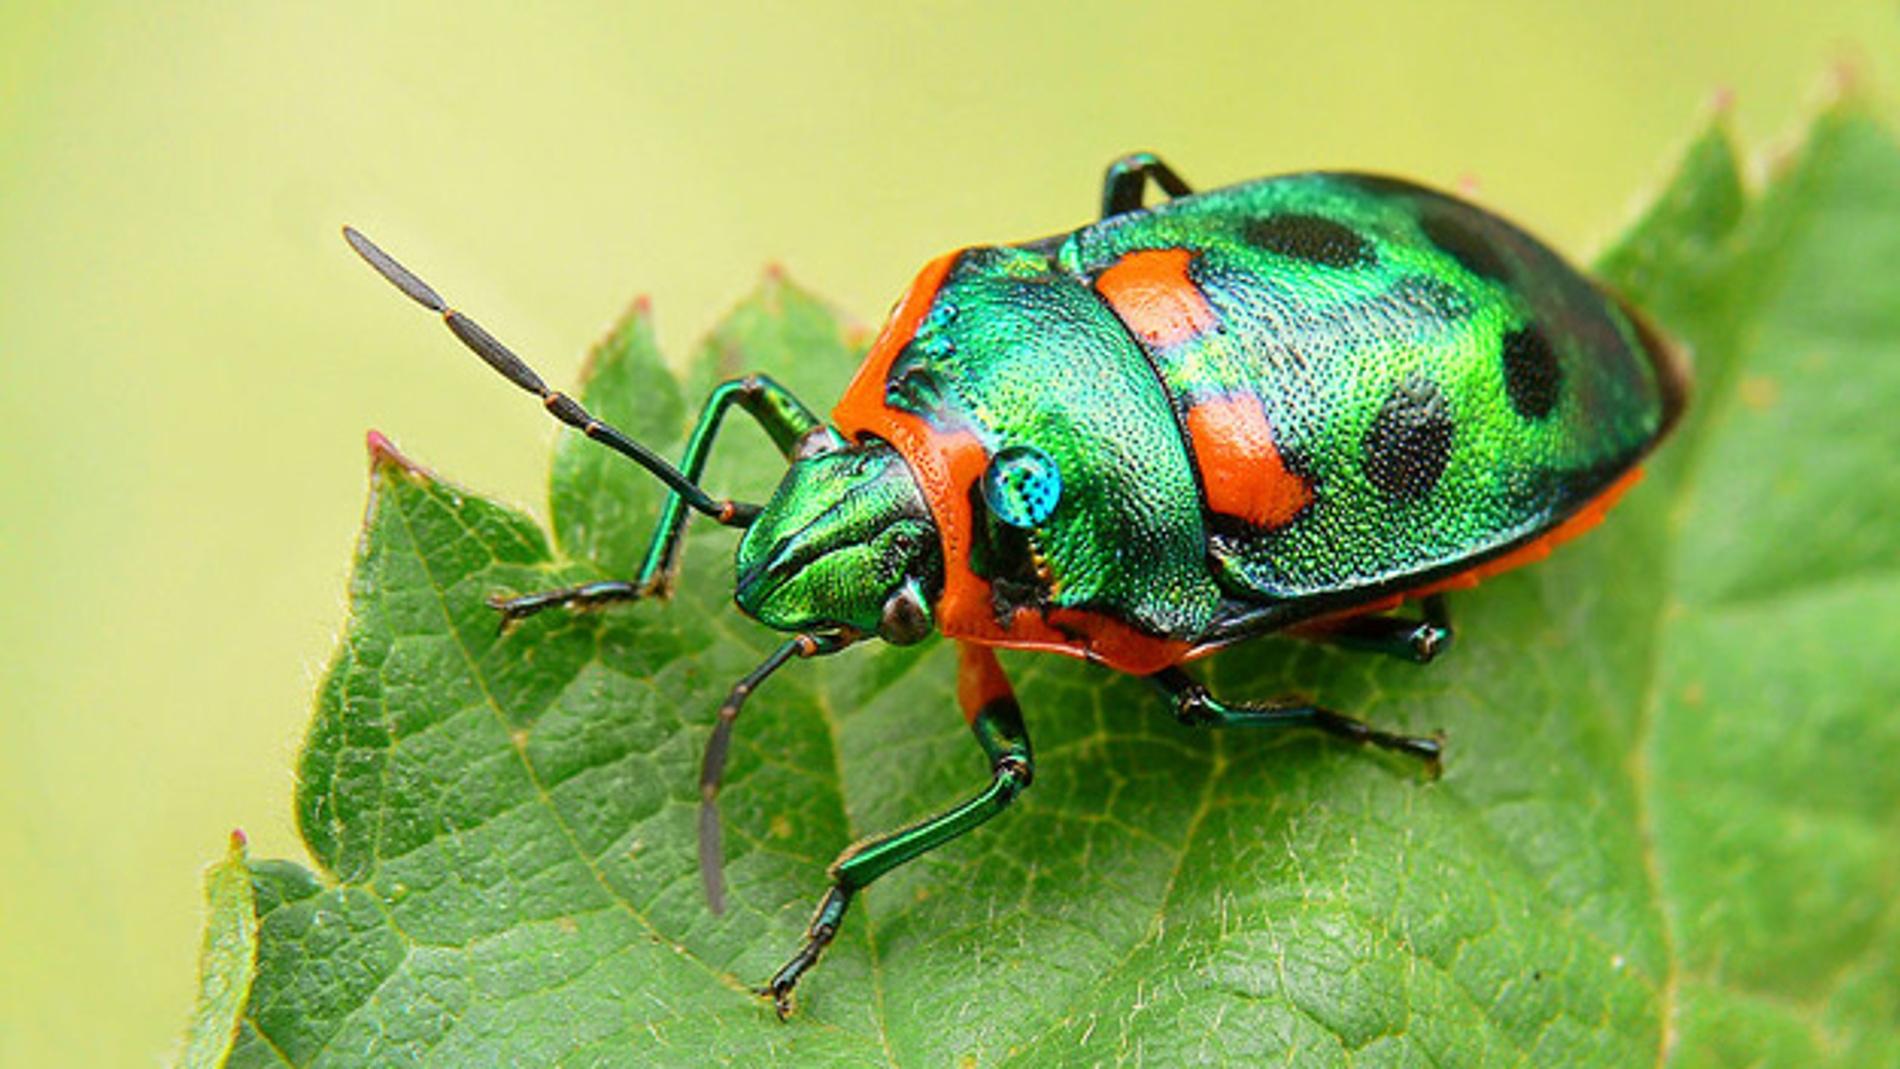 Una hoja y un insecto, ambos reflejando color verde